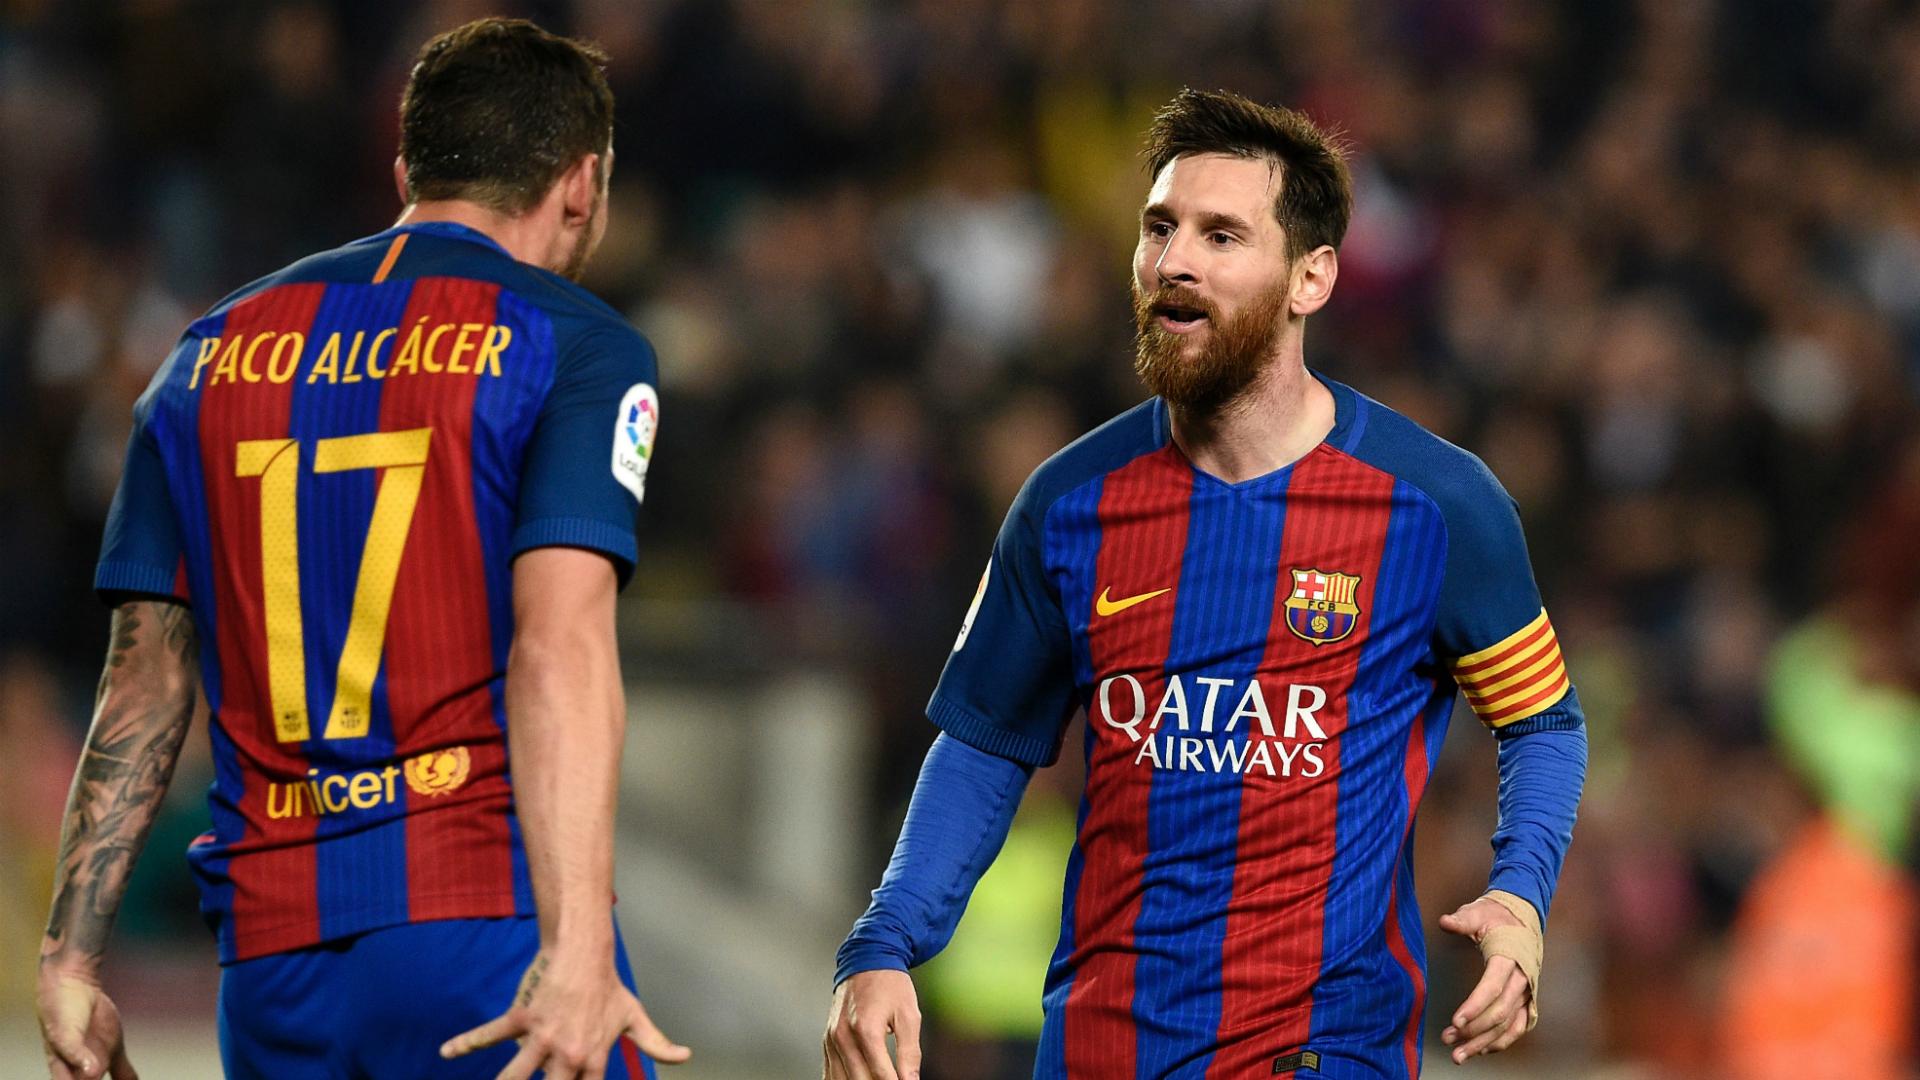 Paco Alcacer Lionel Messi Barcelona Real Sociedad La Liga